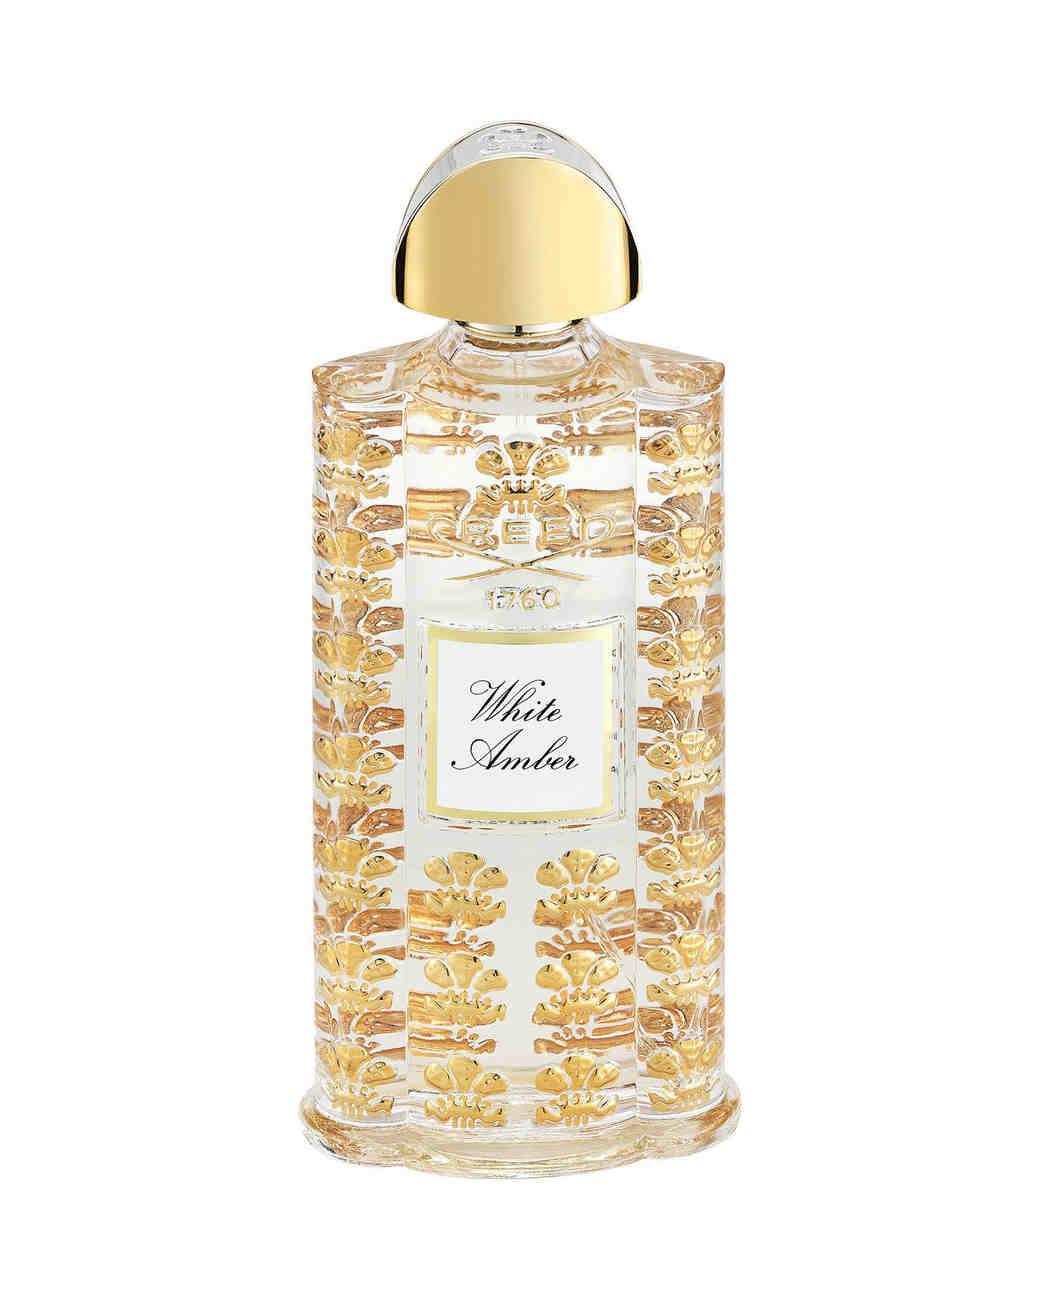 Creed White Amber Perfume